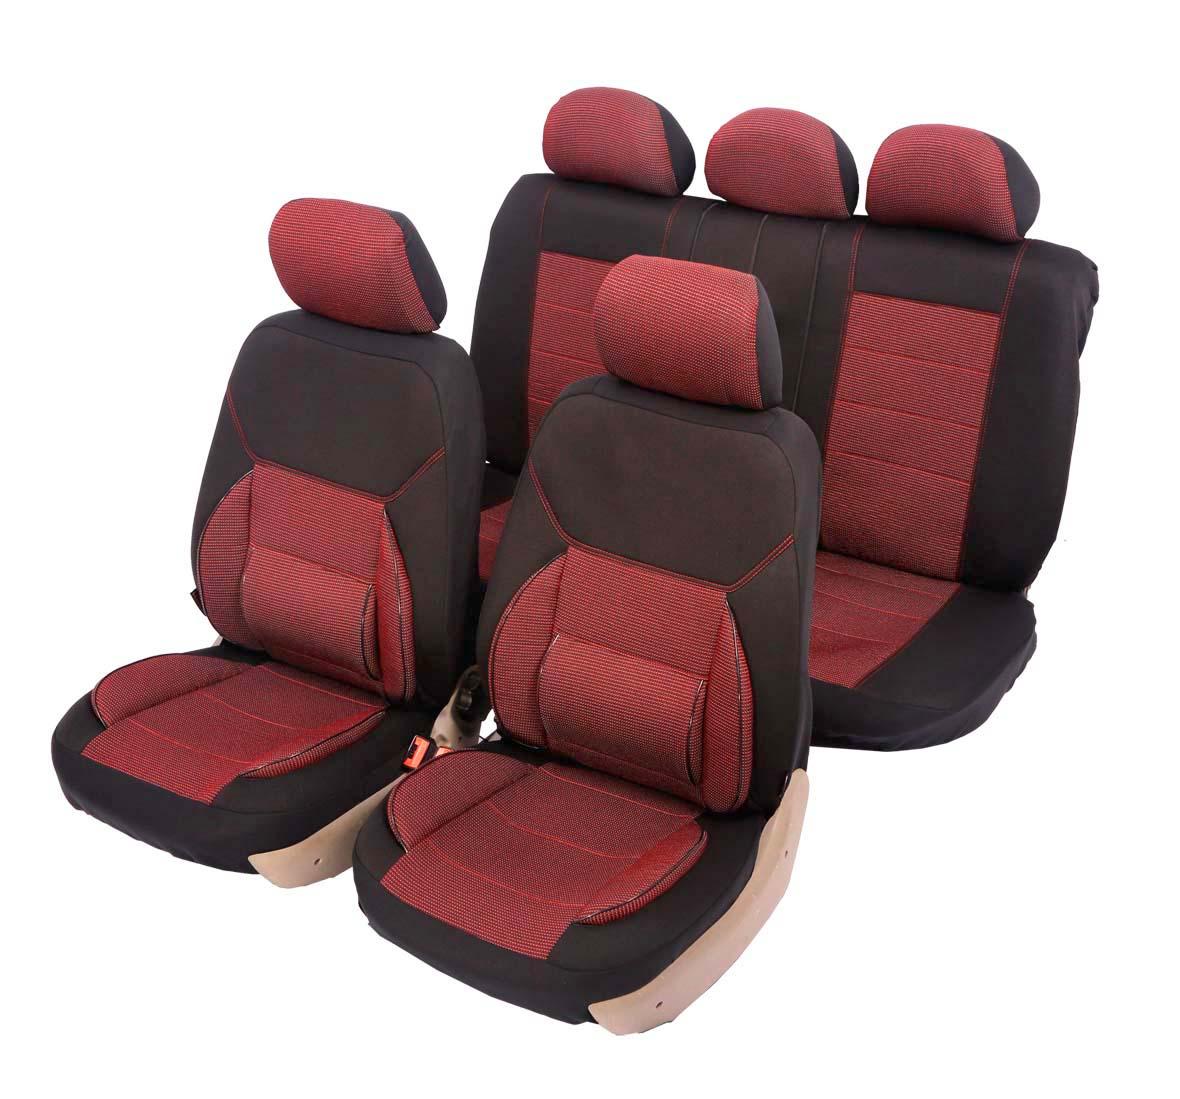 """Чехол на автомобильное кресло универсальный Senator """"New Jersey"""", размер M, ортопед.поддержка 3 уровня, 11 предметов, карман, 6 молний,"""